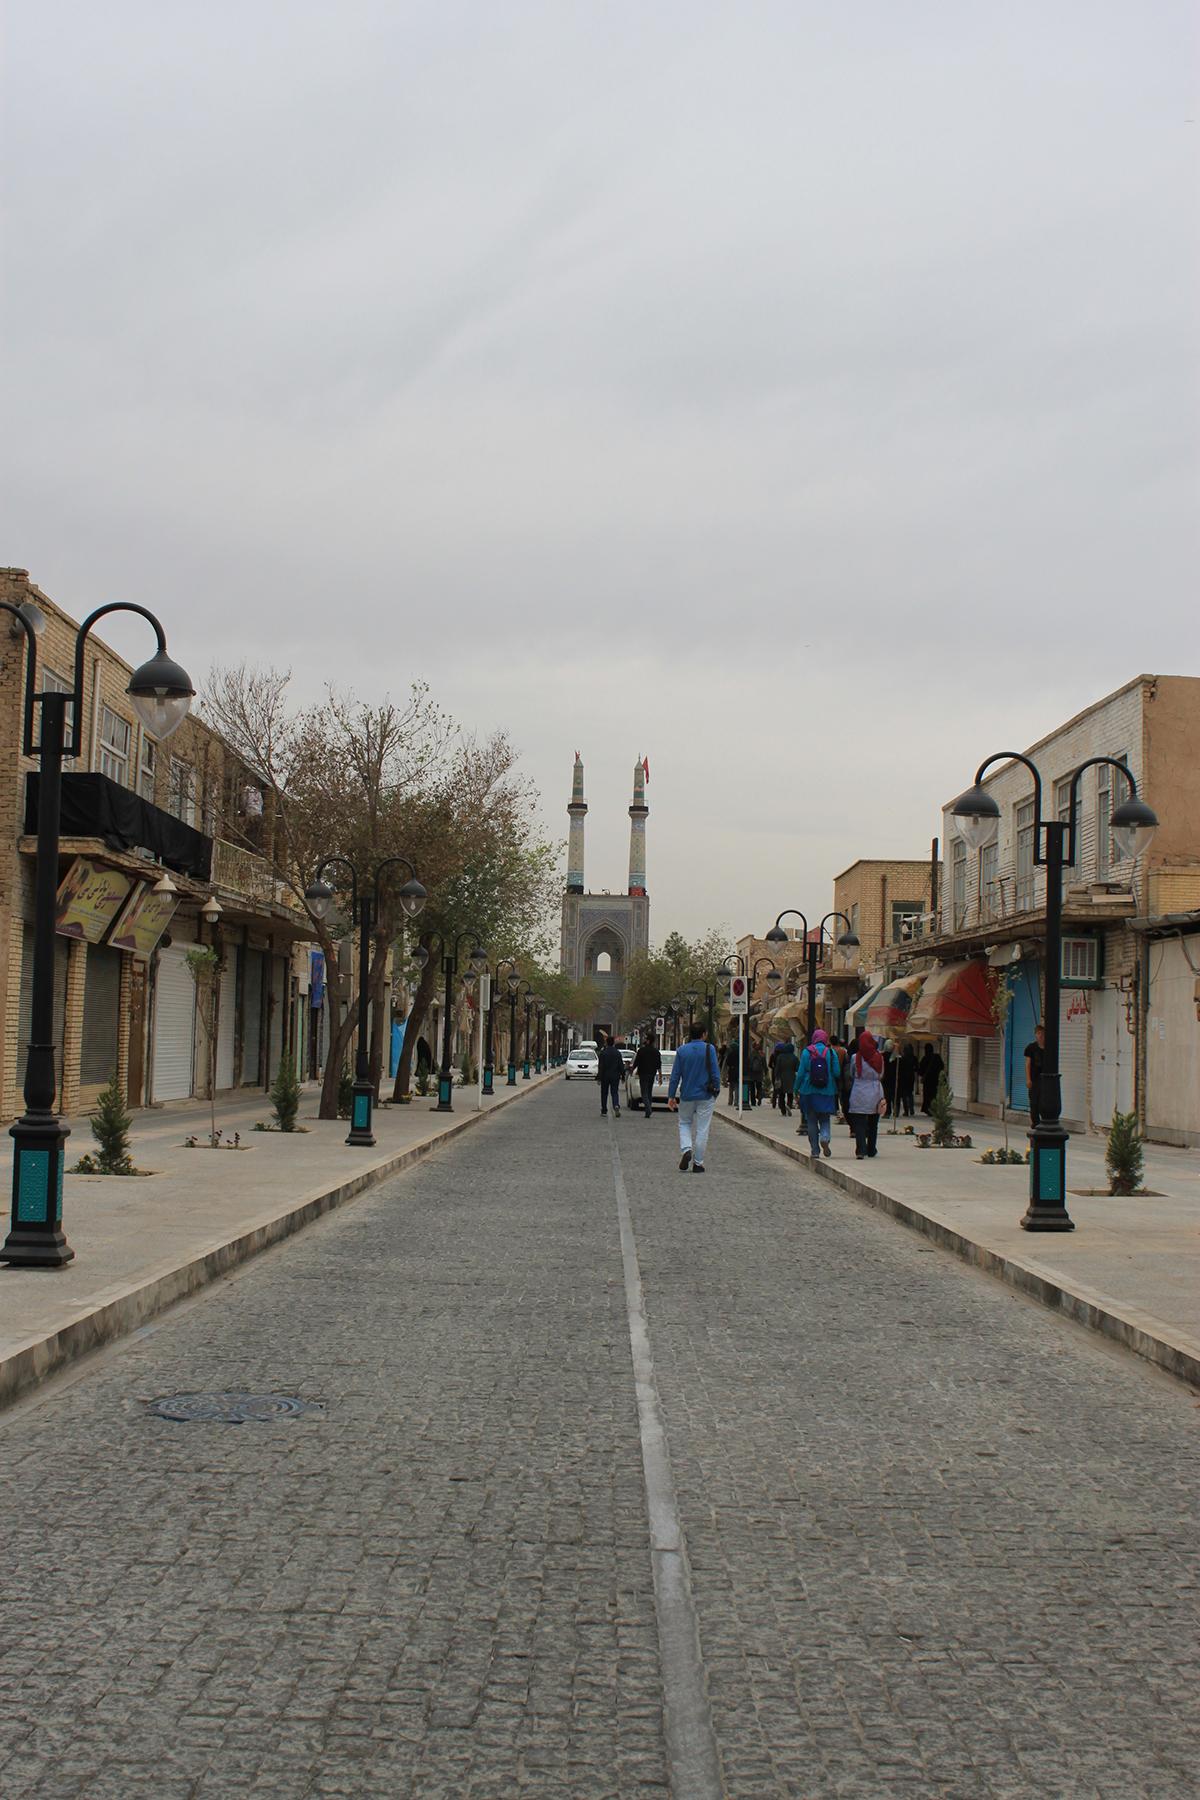 منظر خیابان در مسیر منتهی به مسجد جامع به عنوان نقطه عطف شهر یزد